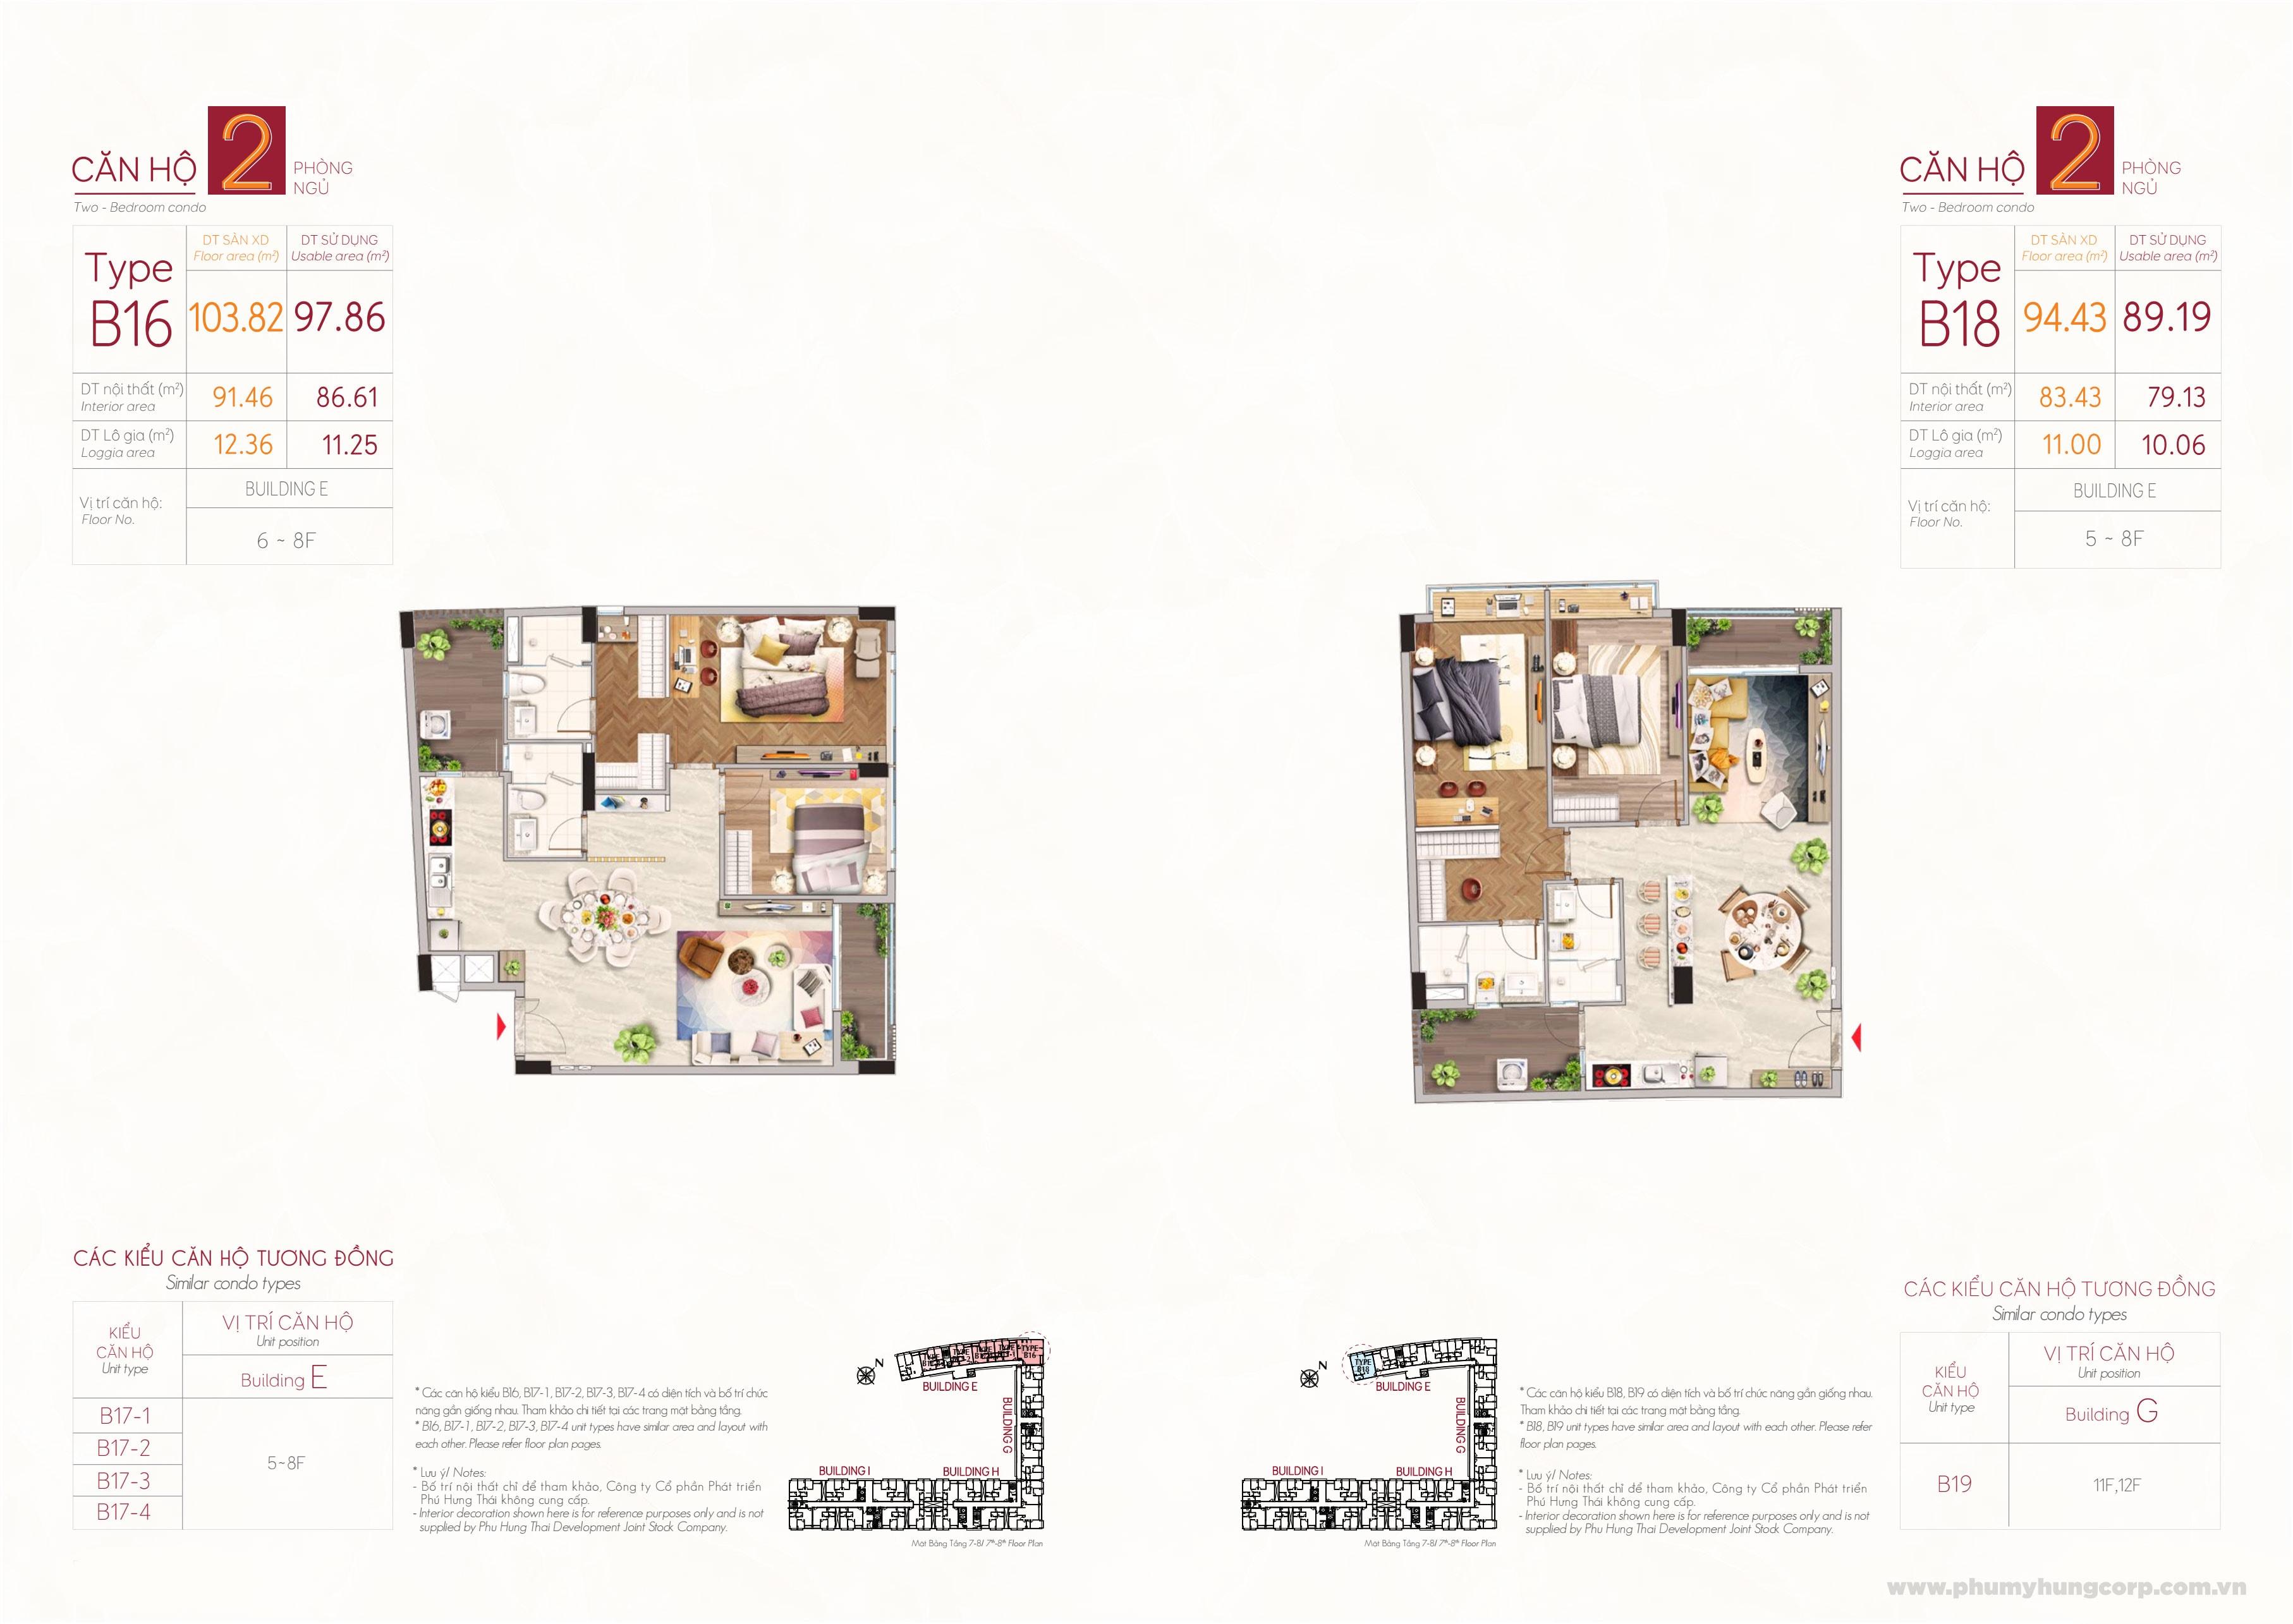 Kiểu căn hộ type B16 & type B18 M8B The Peak Midtown Phú Mỹ Hưng Quận 7